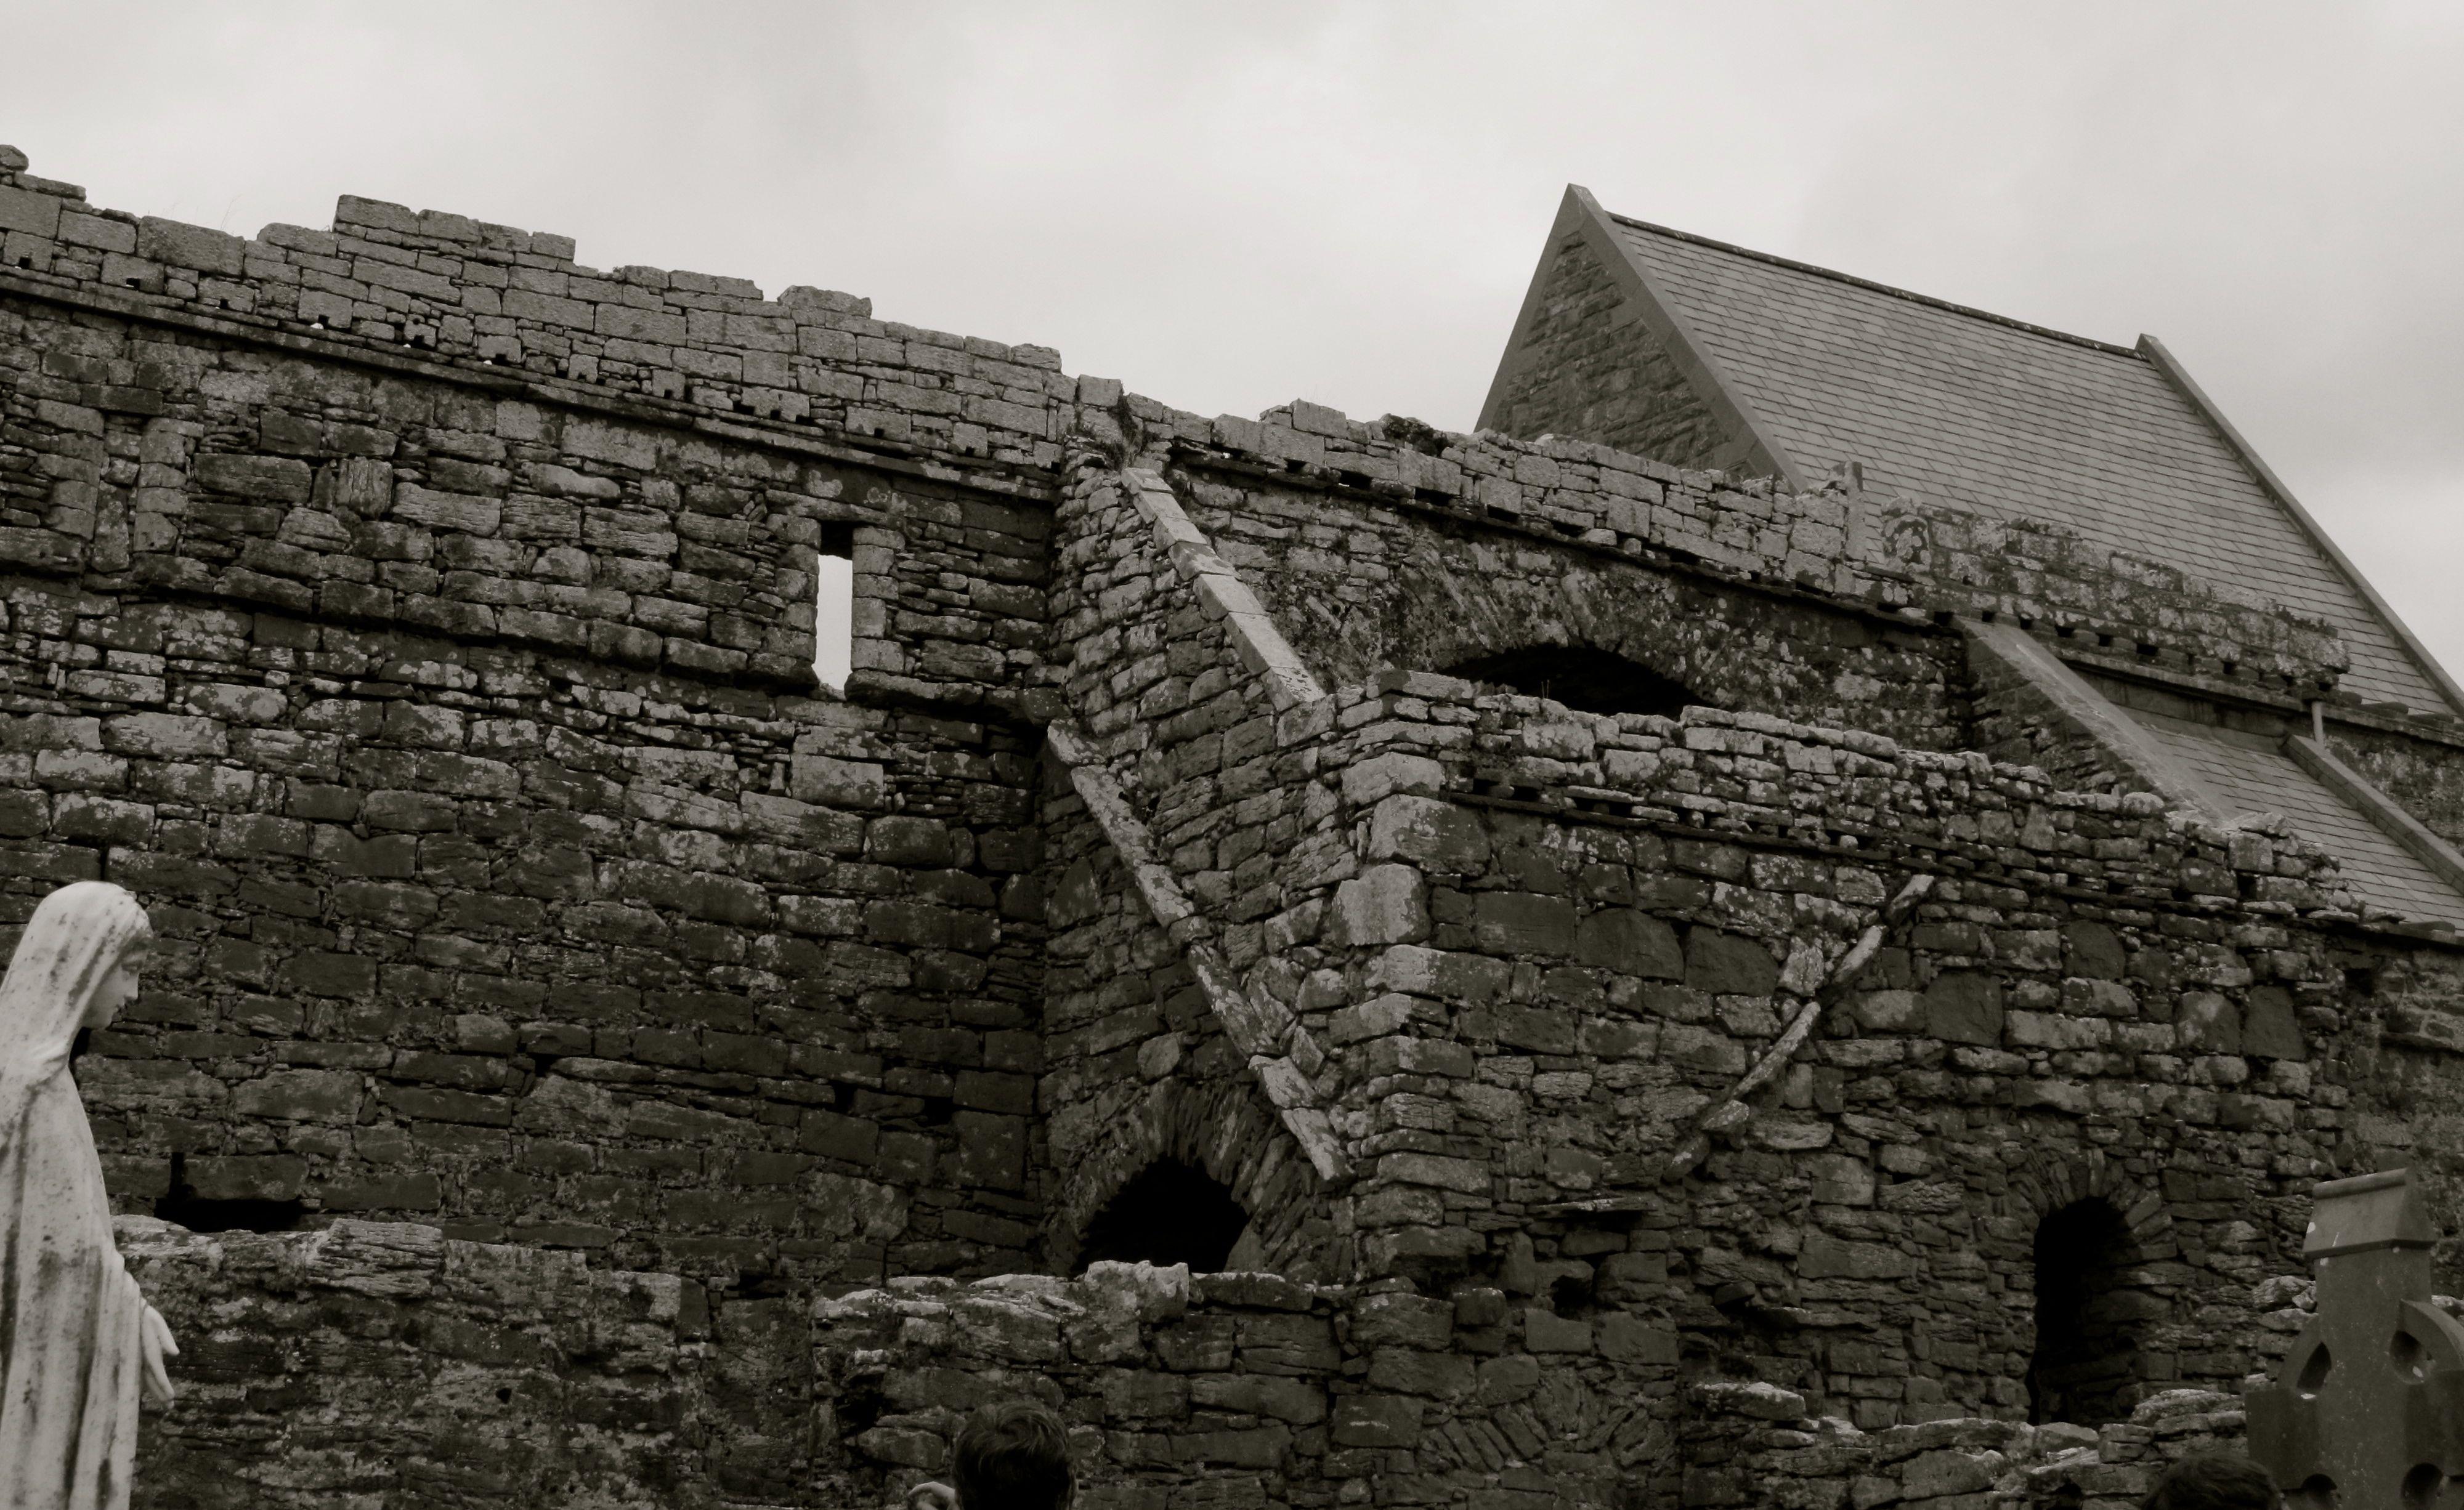 Corcomroe Cistercian Abbey